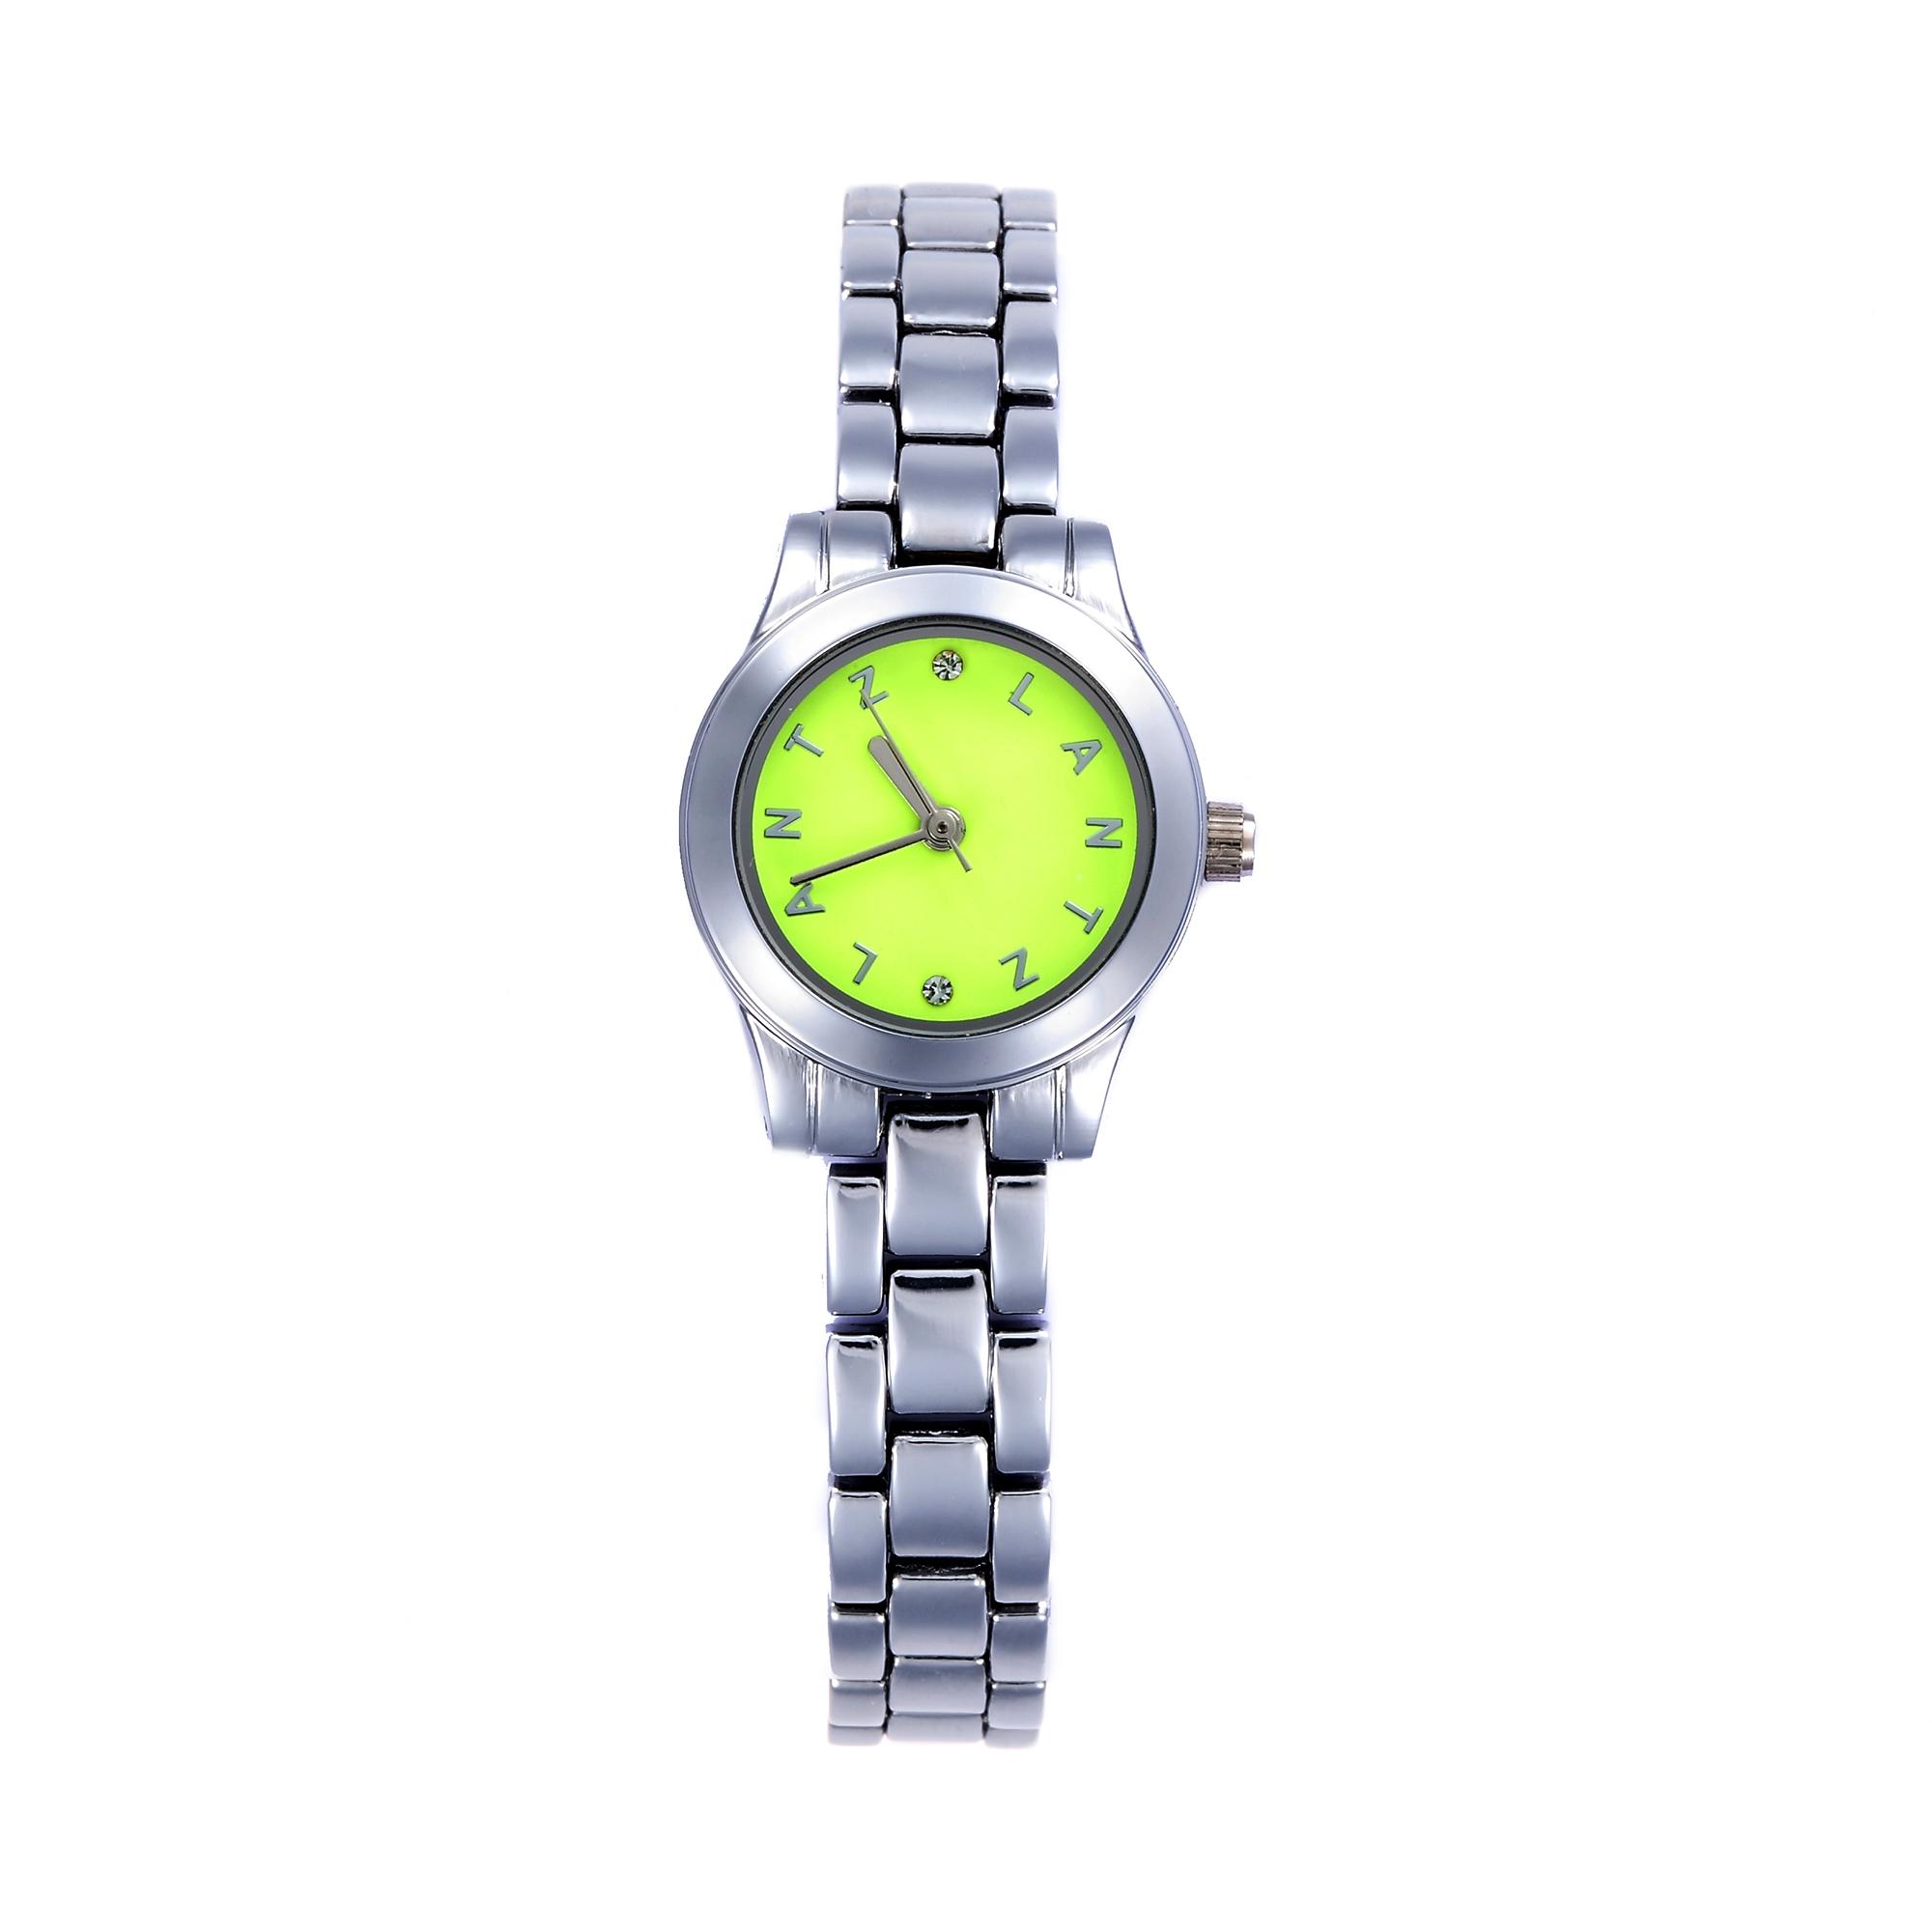 韩国原产LANTZ时尚腕表碳钢石英表女士手表 黄绿